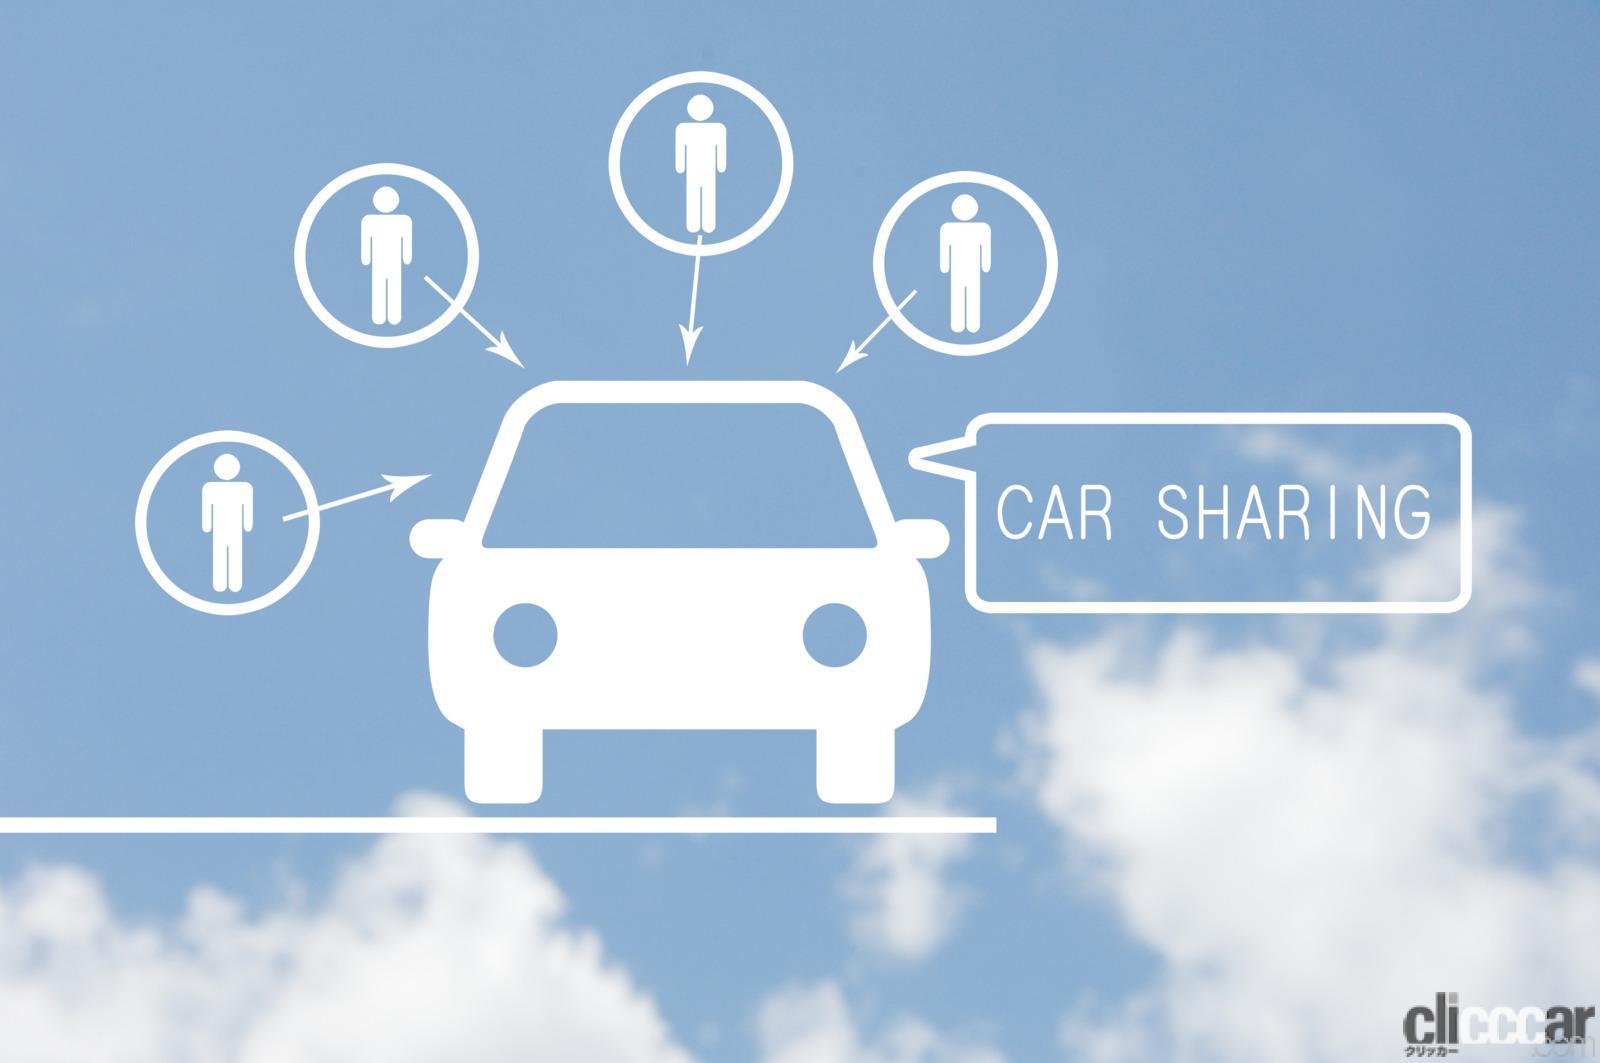 「コロナ禍のカーシェアリング、73%が知っているけど利用検討は6%、使う人の約80%が6時間未満の利用」の1枚目の画像